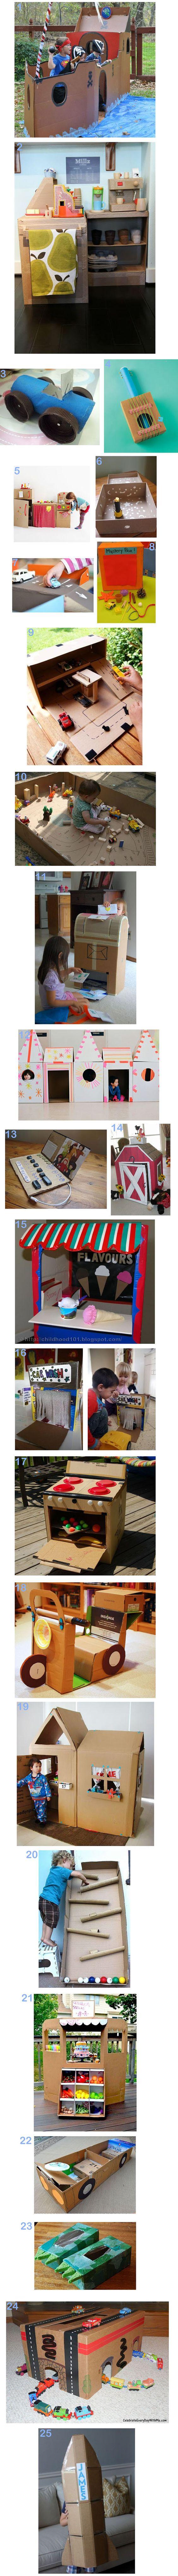 Speelgoed dat je kan maken met karton dozen - 101 ideeën